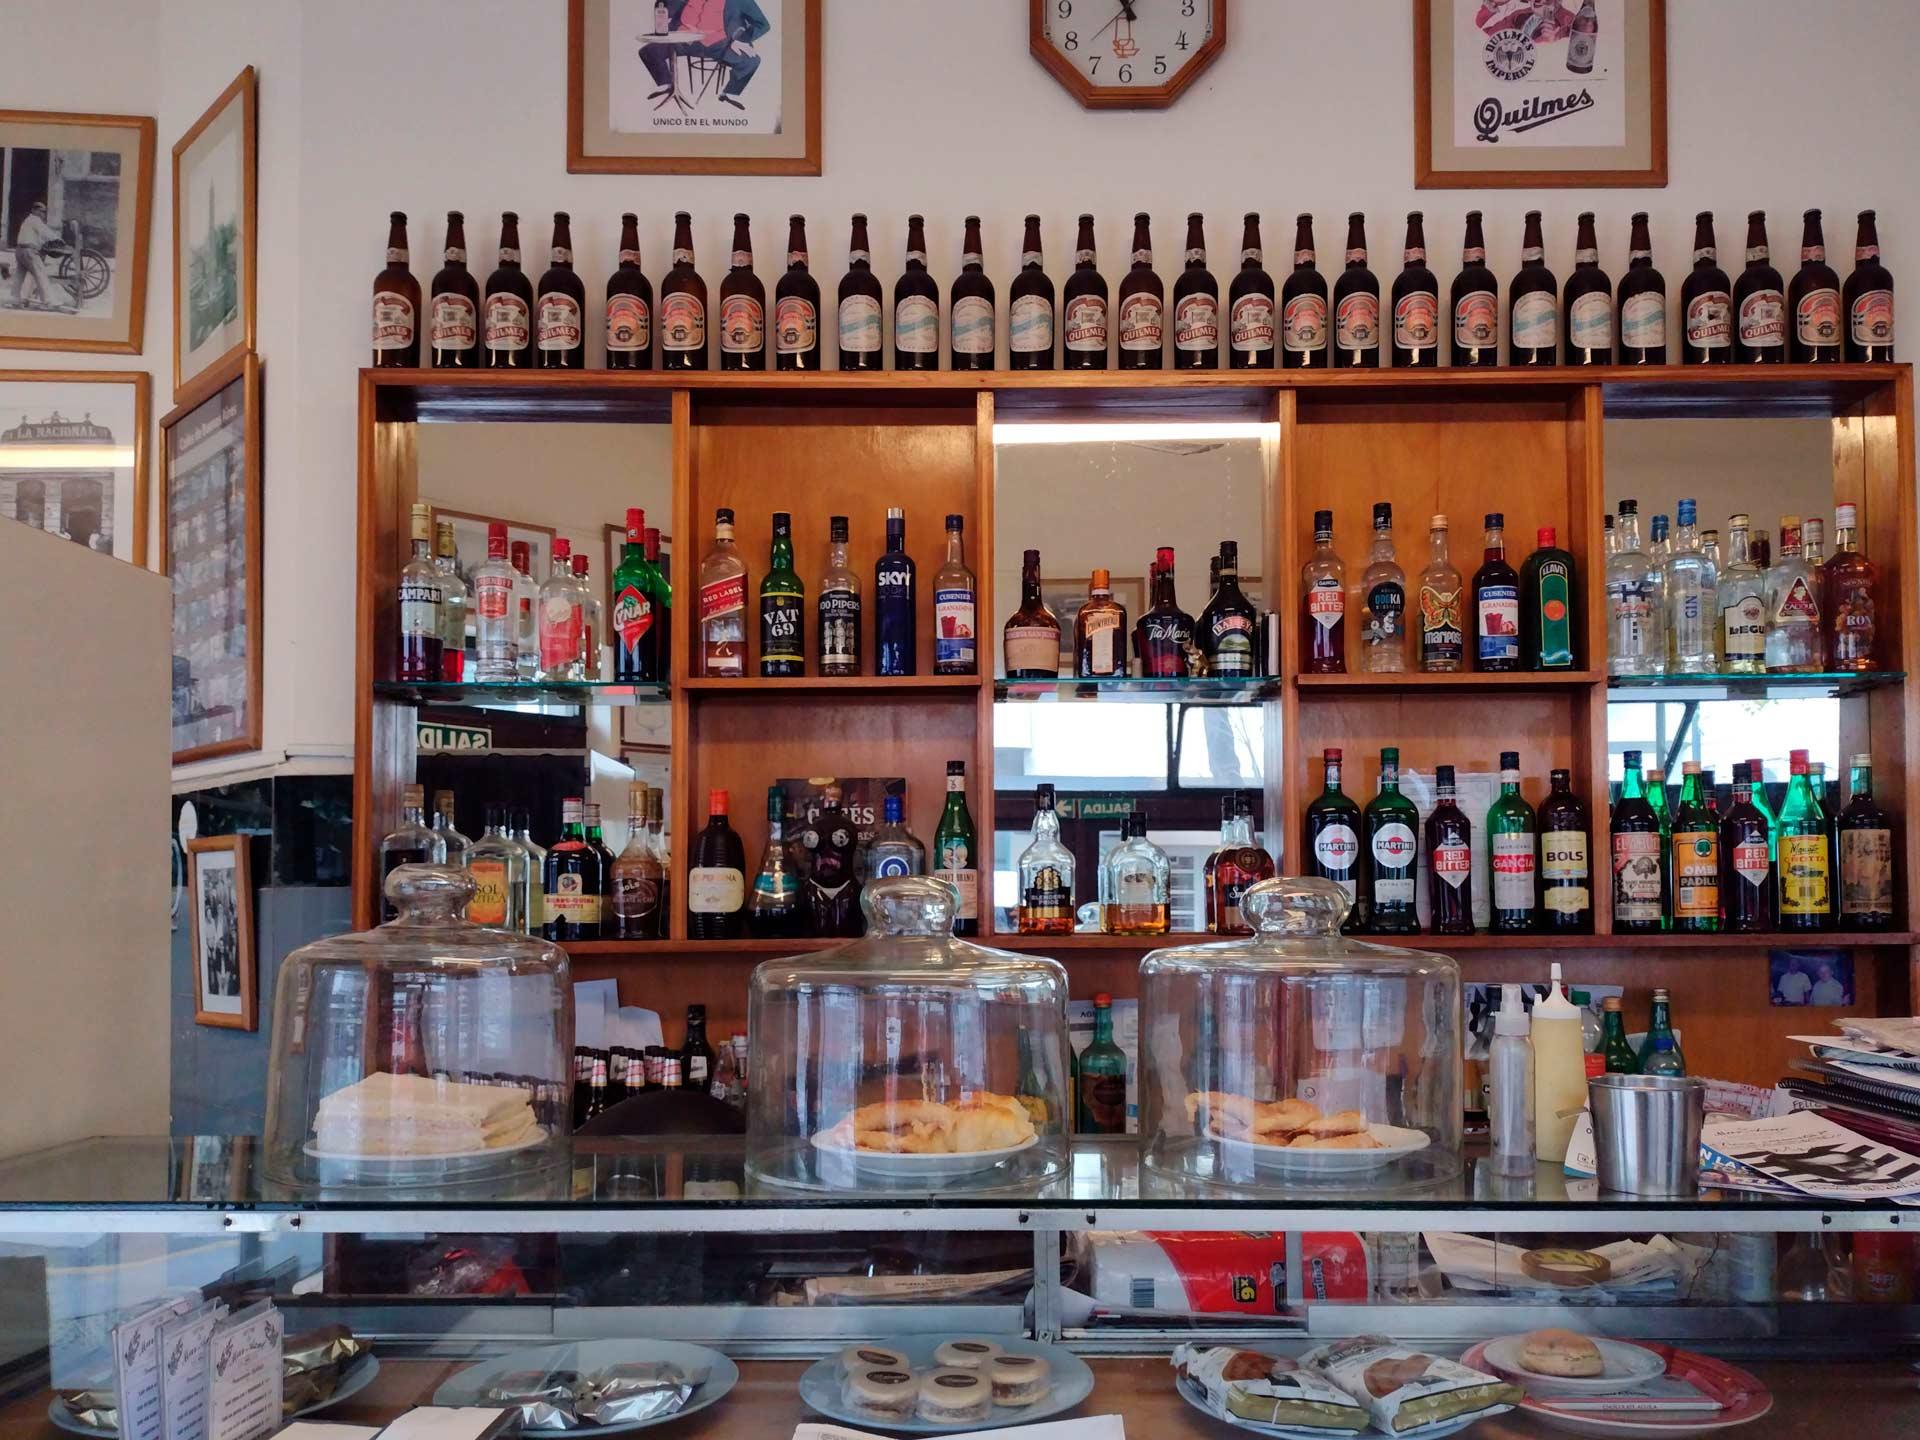 Buenos-Aires-es-un-bar-que-cerró_06 (1)